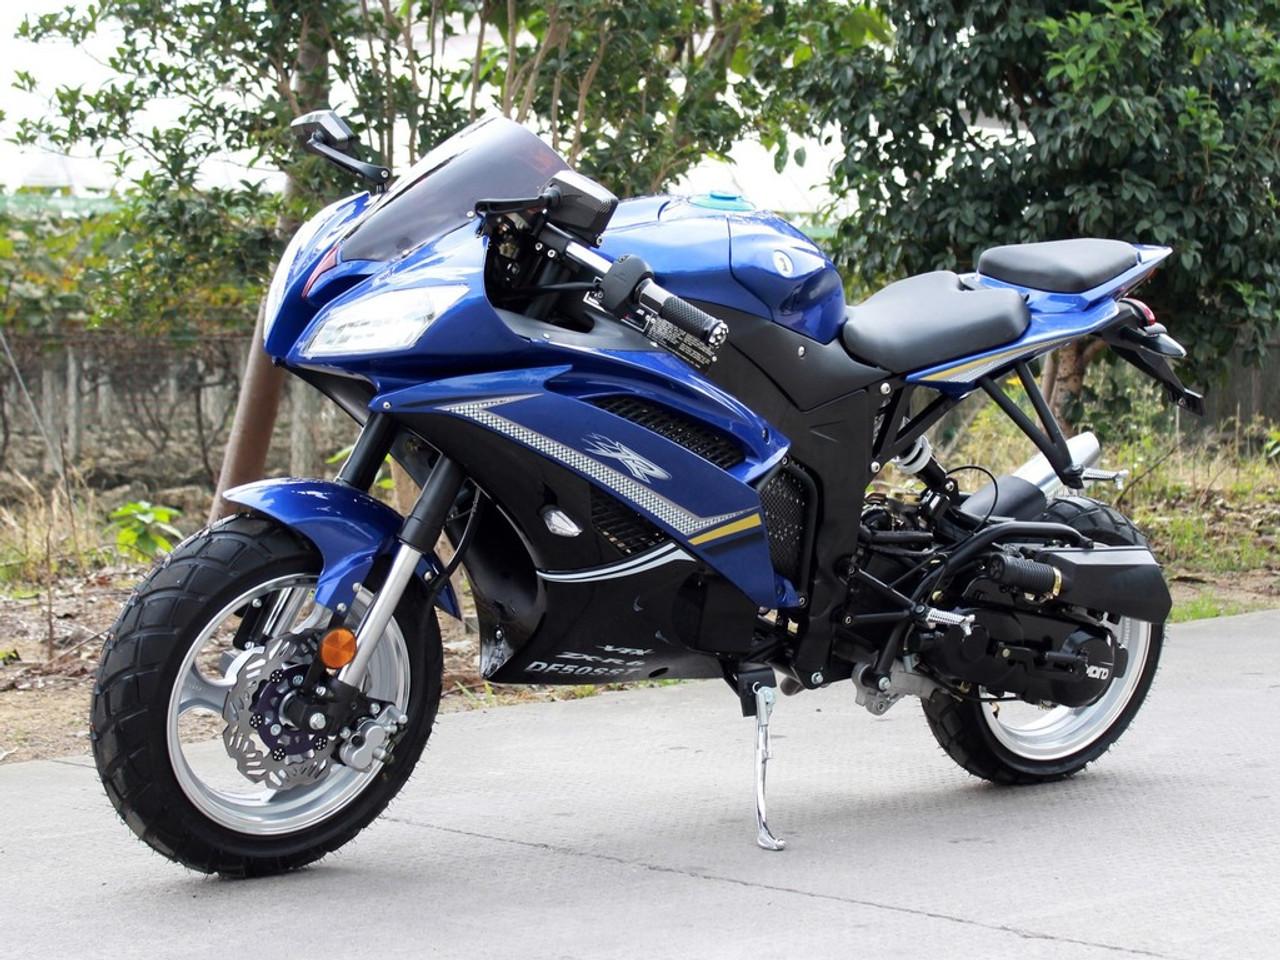 COUGAR 50CC NINJA MOTORCYCLE